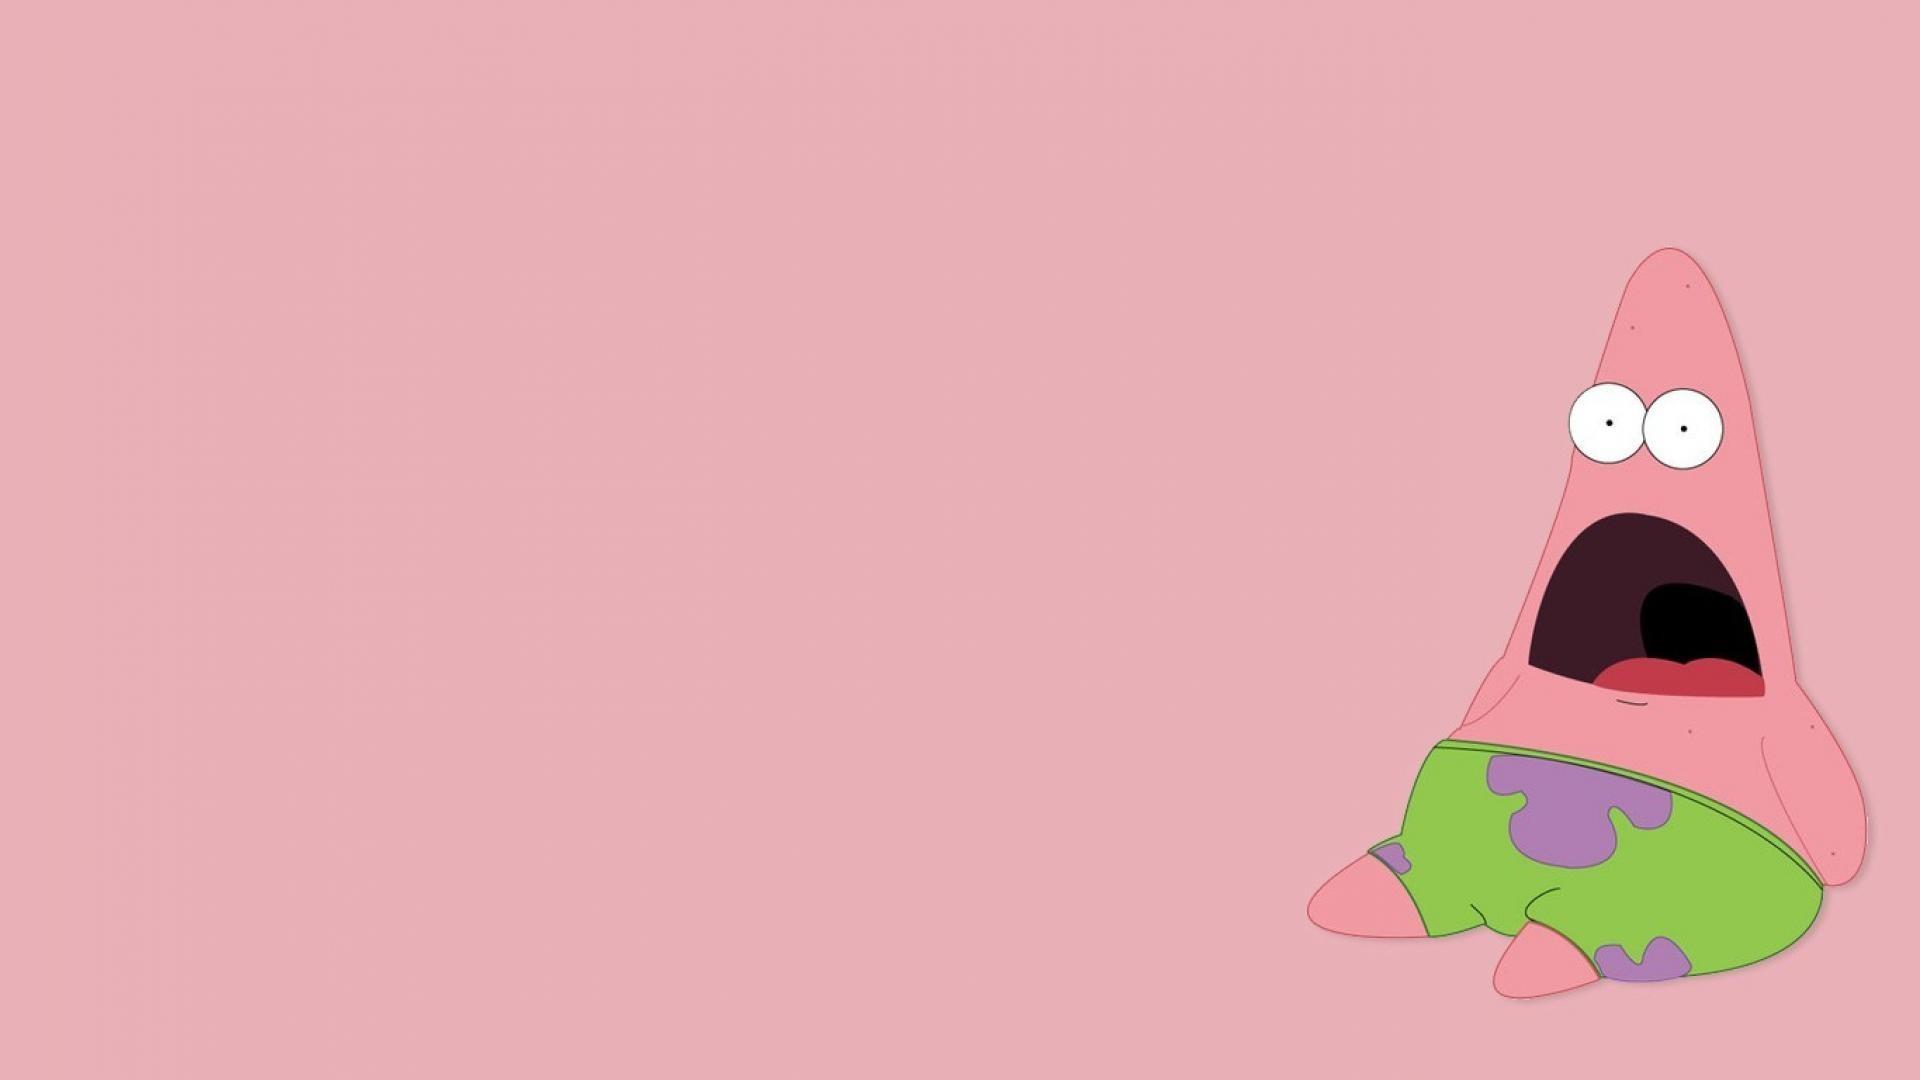 Omg spongebob squarepants funny meme wallpaper | (65983)